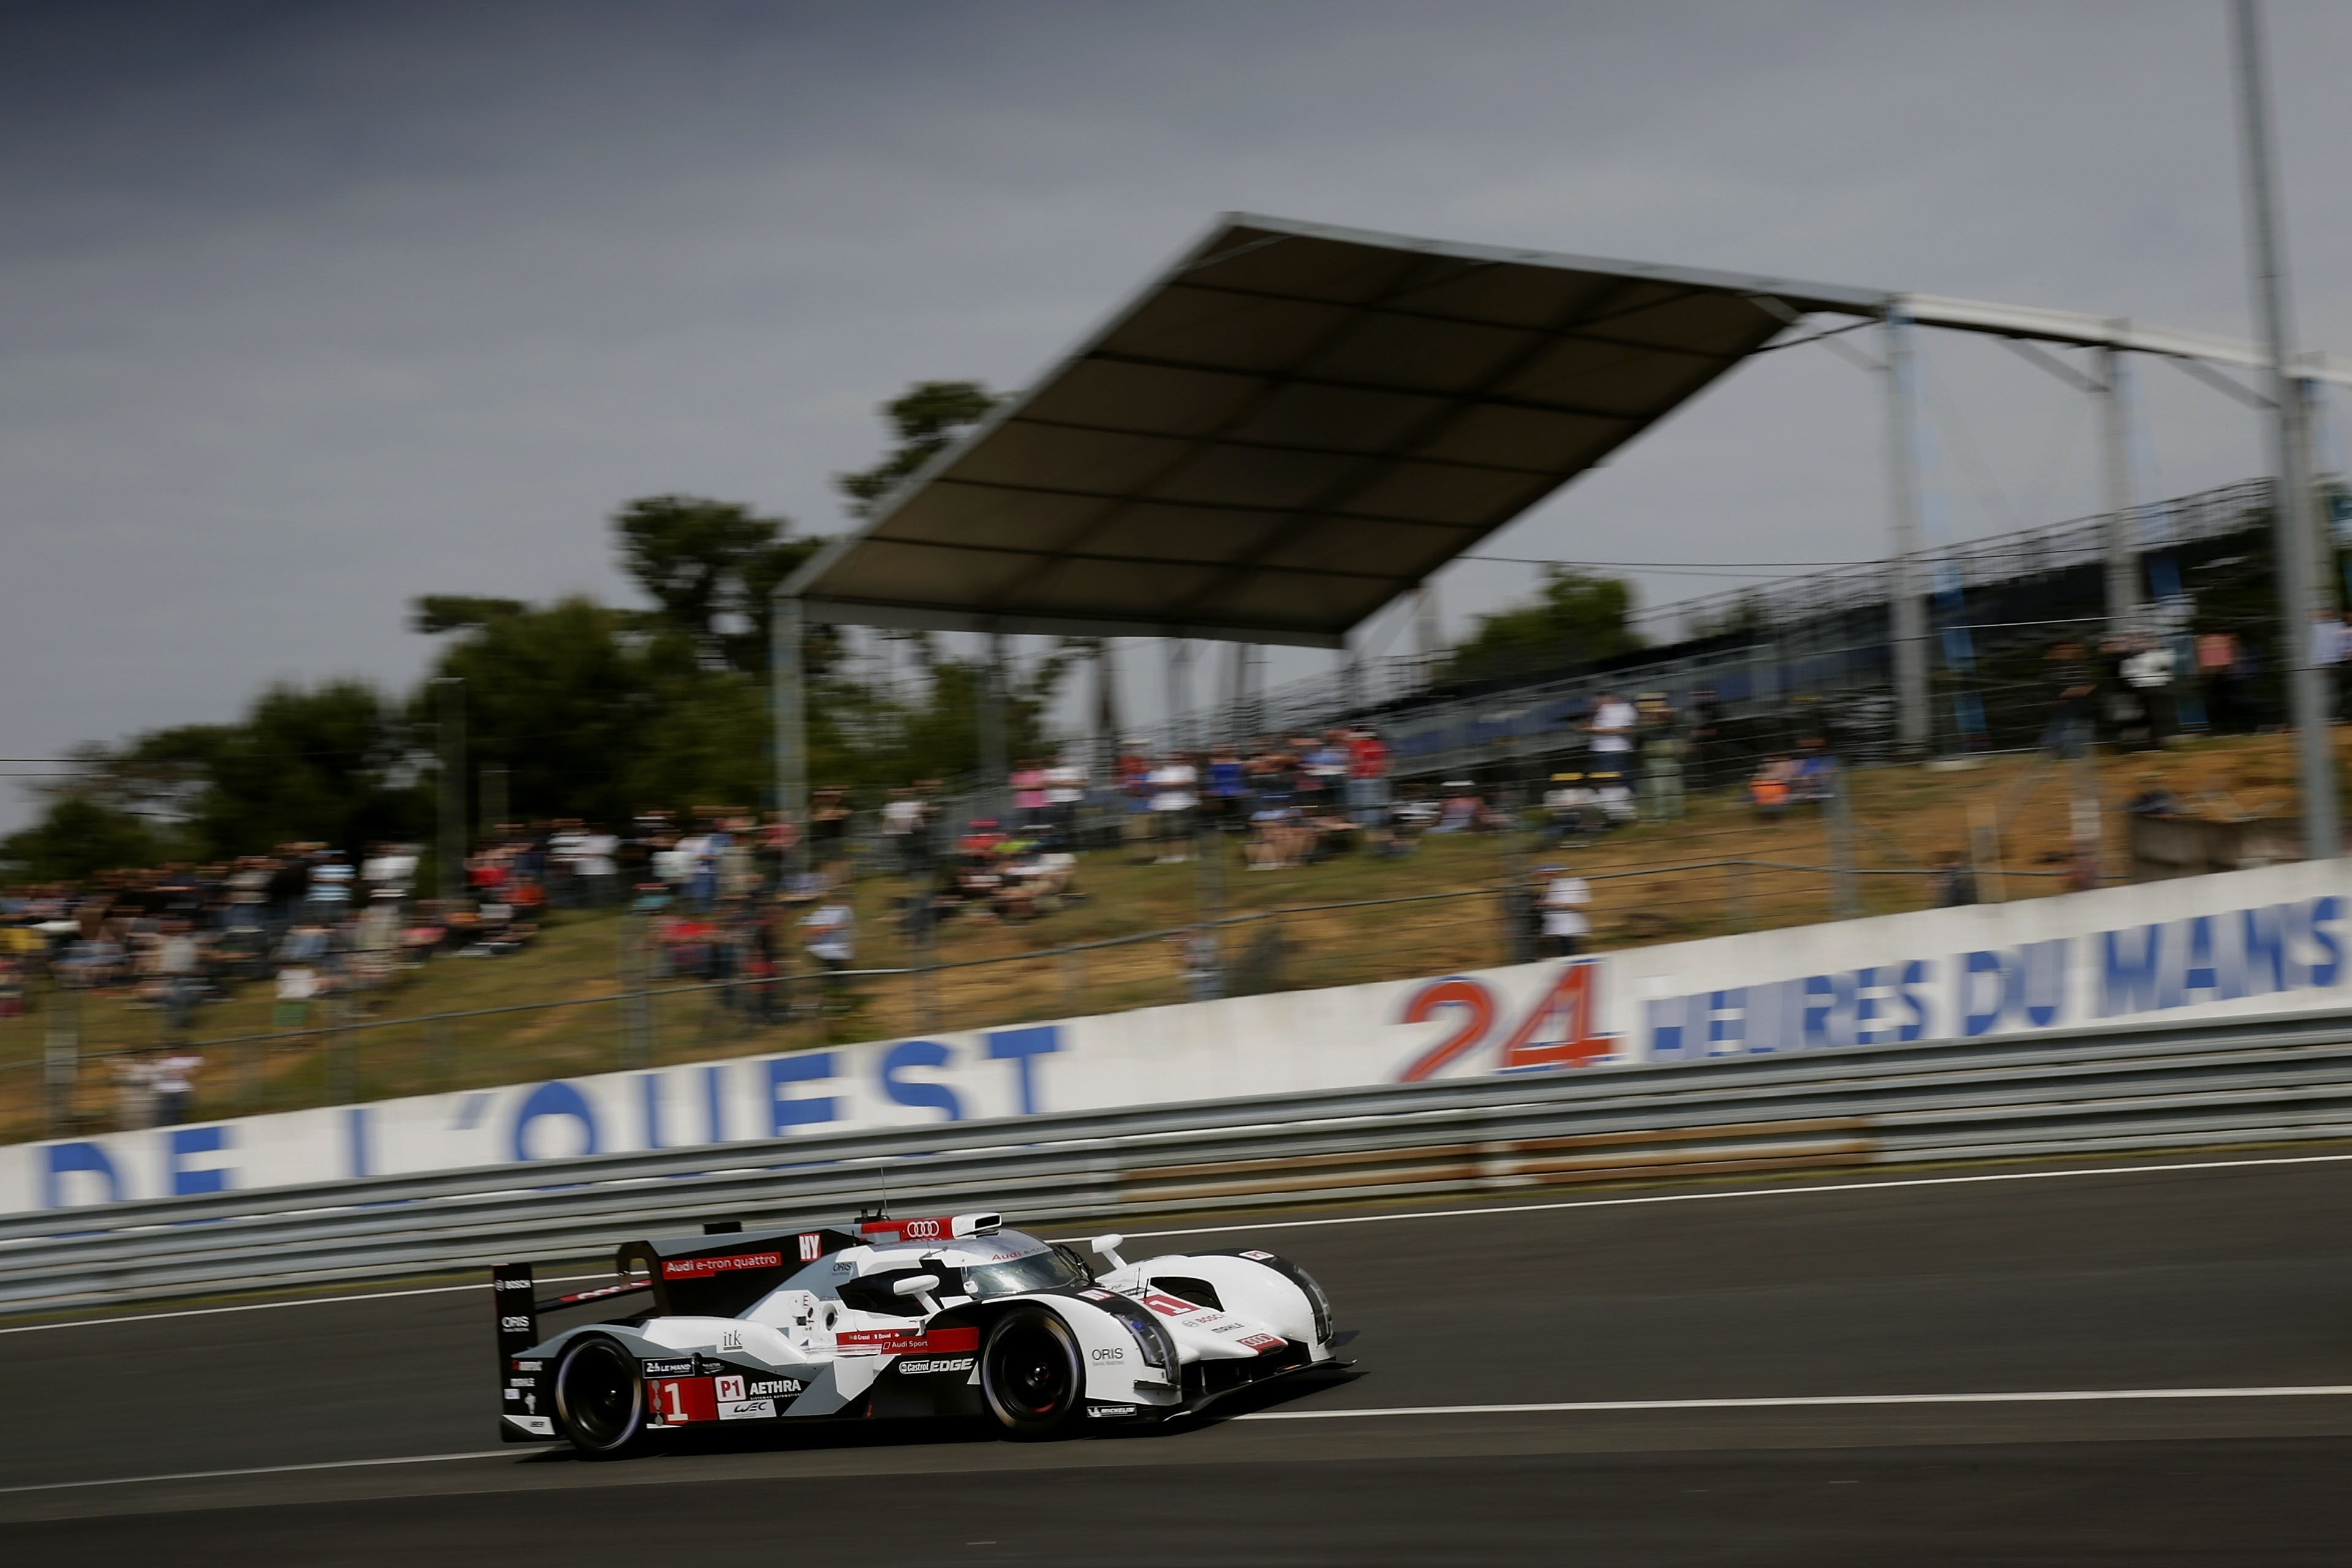 Successful Le Mans 24 Hour Test For Audi R18 E Tron